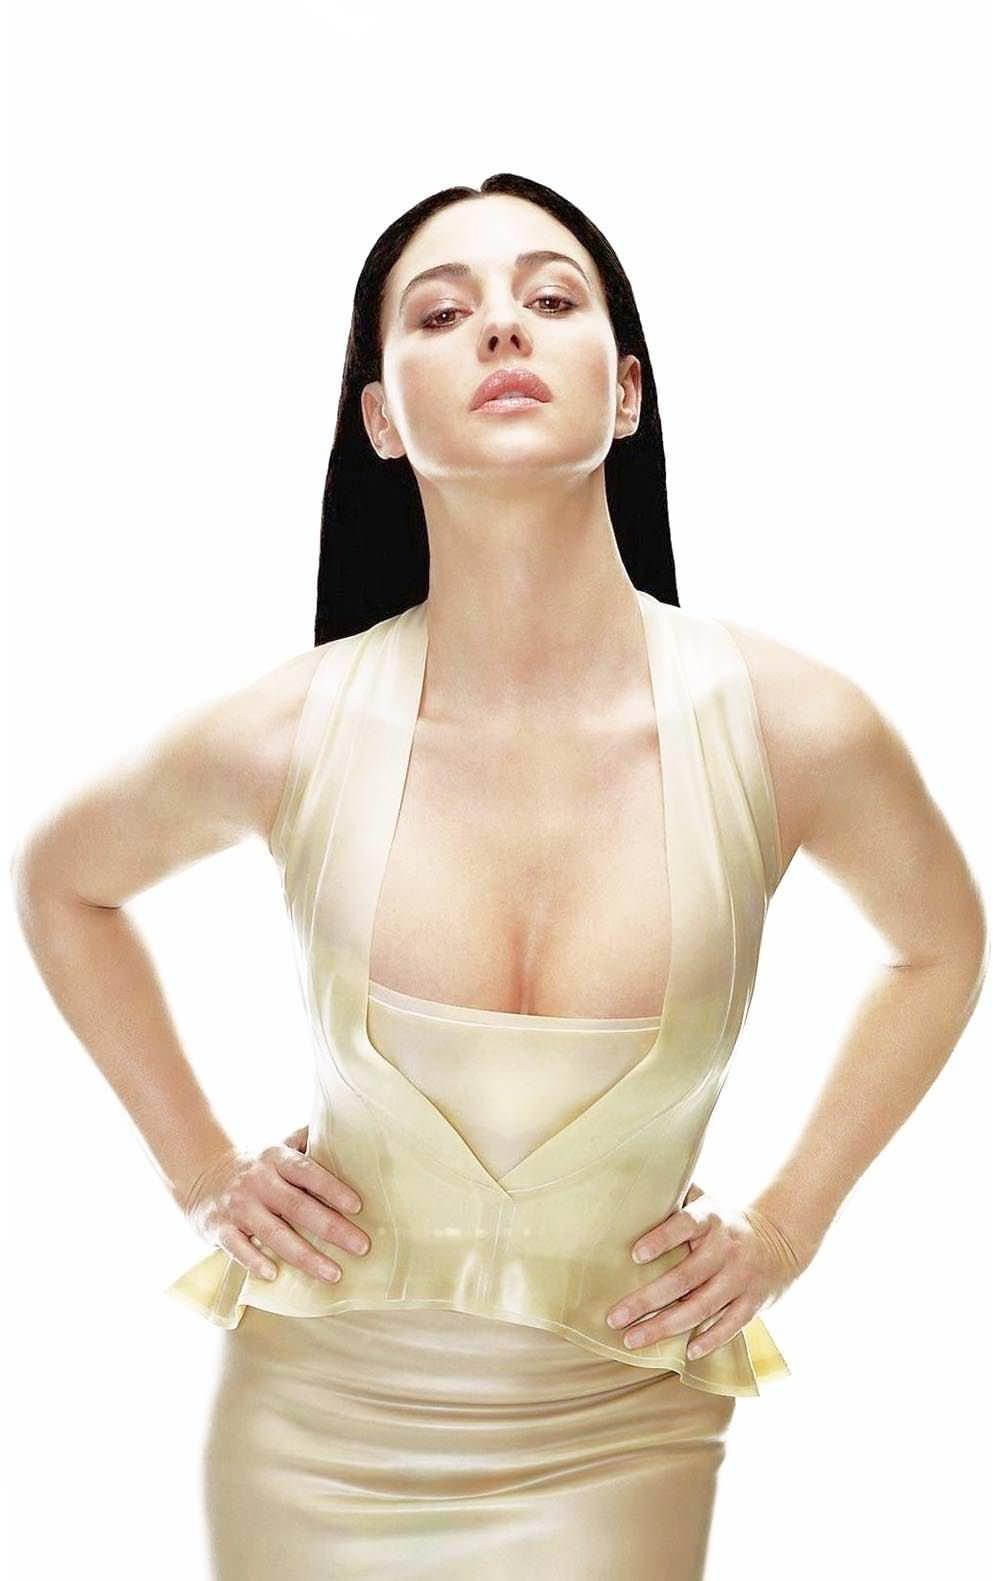 【外人】イタリア人女優モニカ・ベルッチ(Monica Bellucci)の大胆おっぱい露出ポルノ画像 985